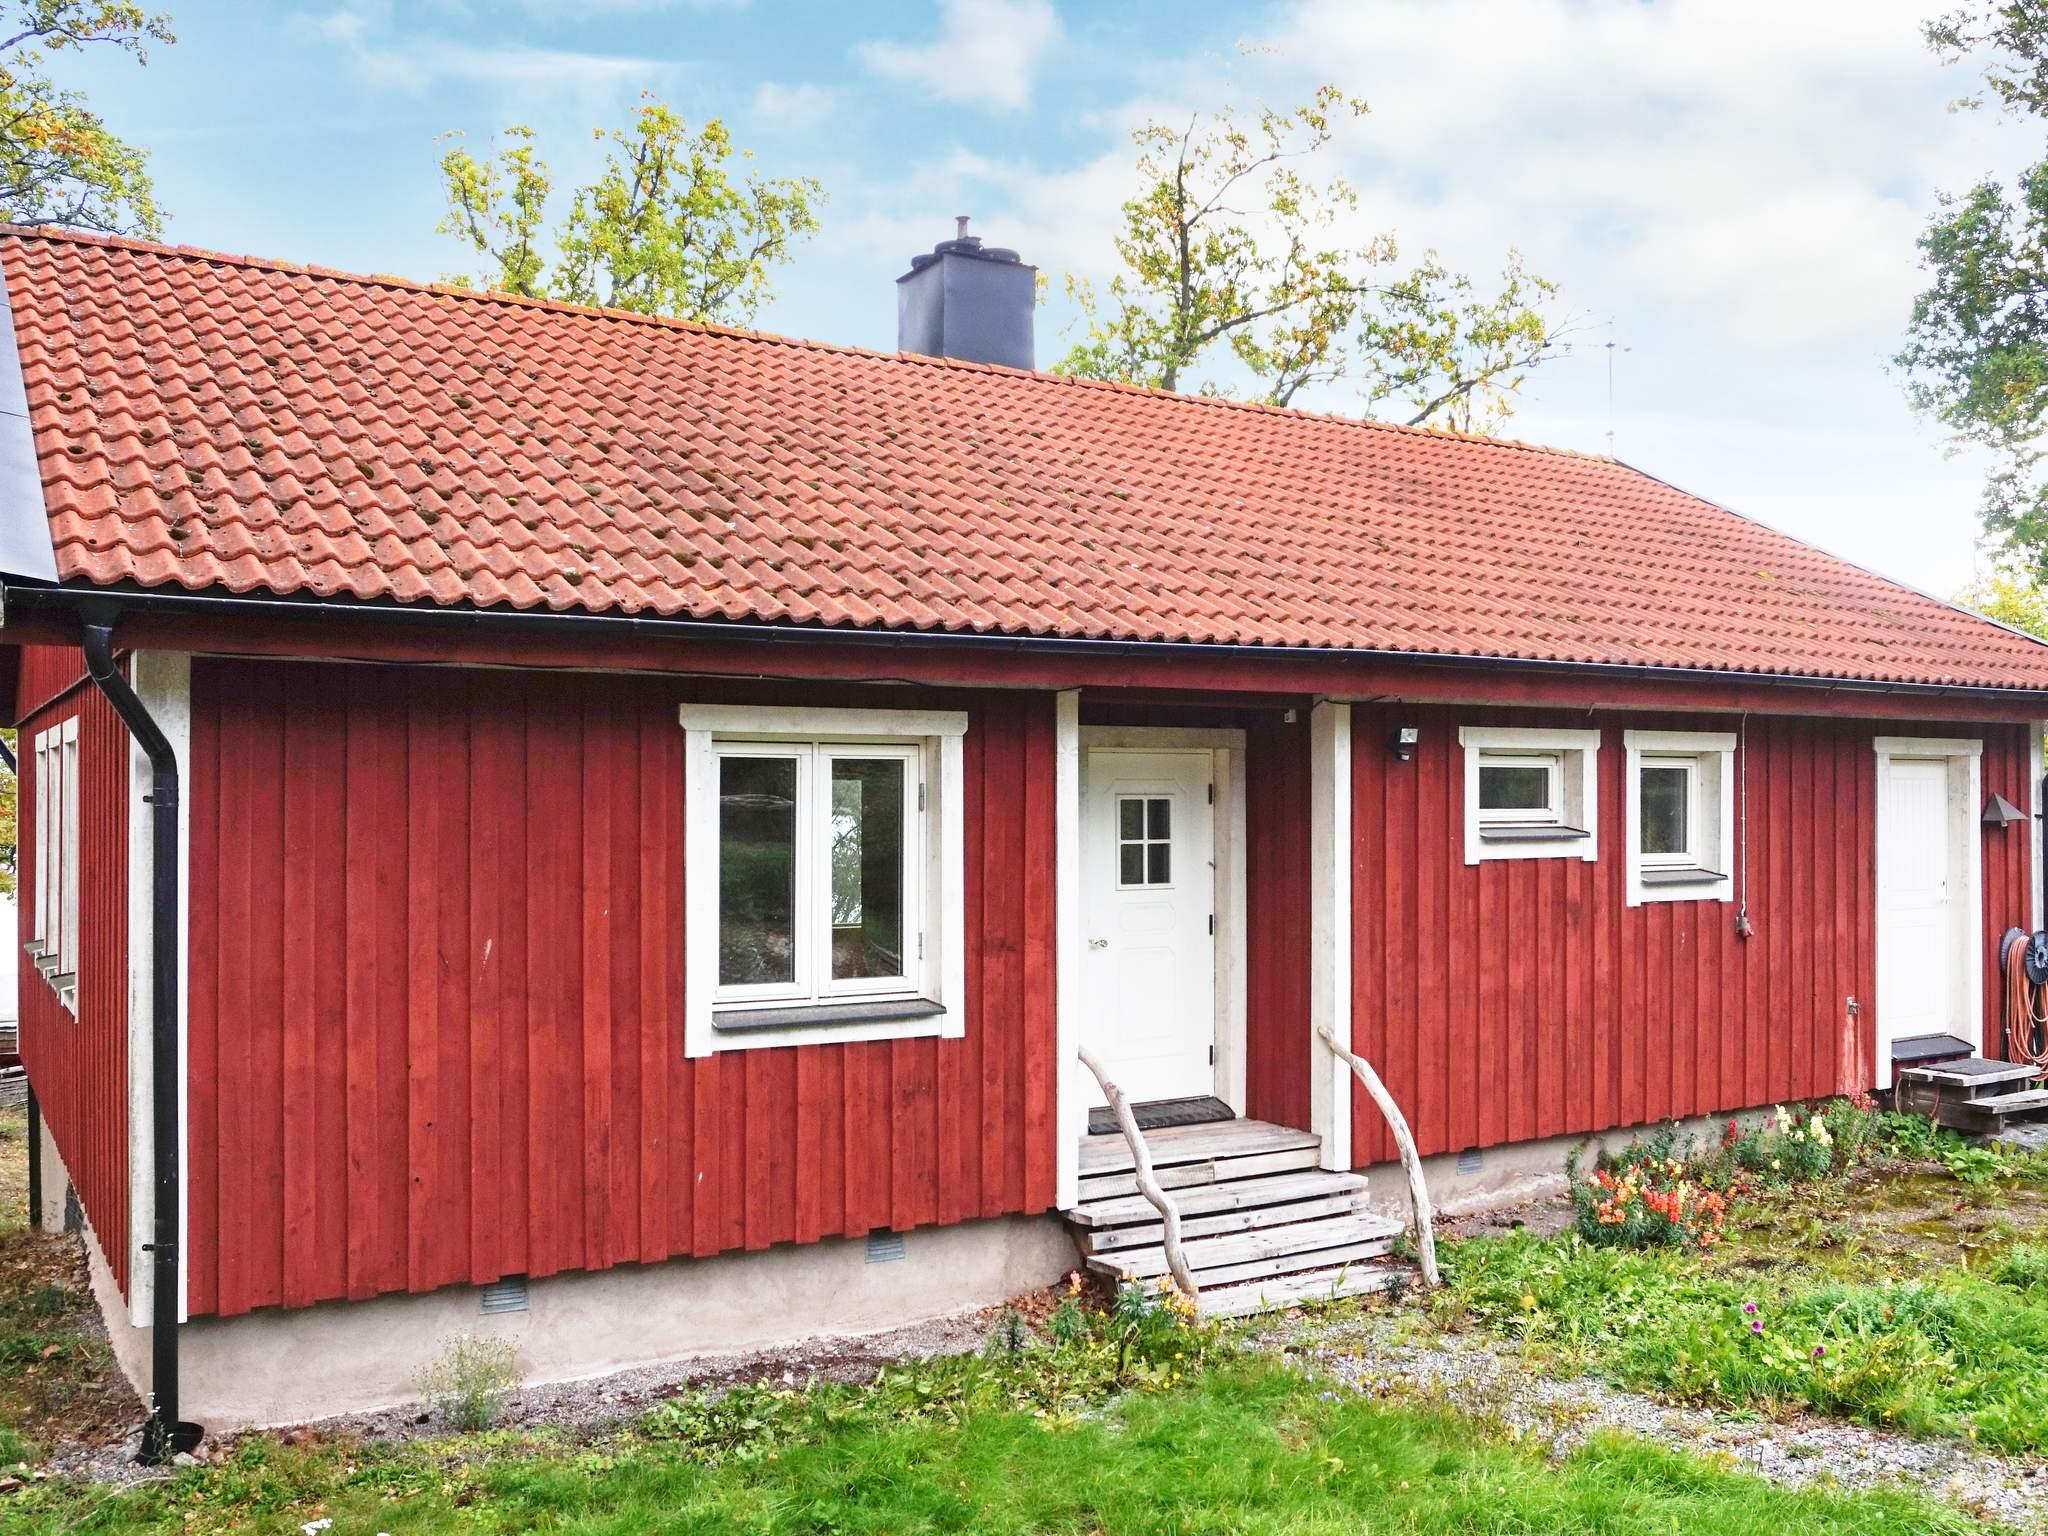 Ferienhaus Gryt (502645), Valdemarsvik, Östergötlands län, Südschweden, Schweden, Bild 8